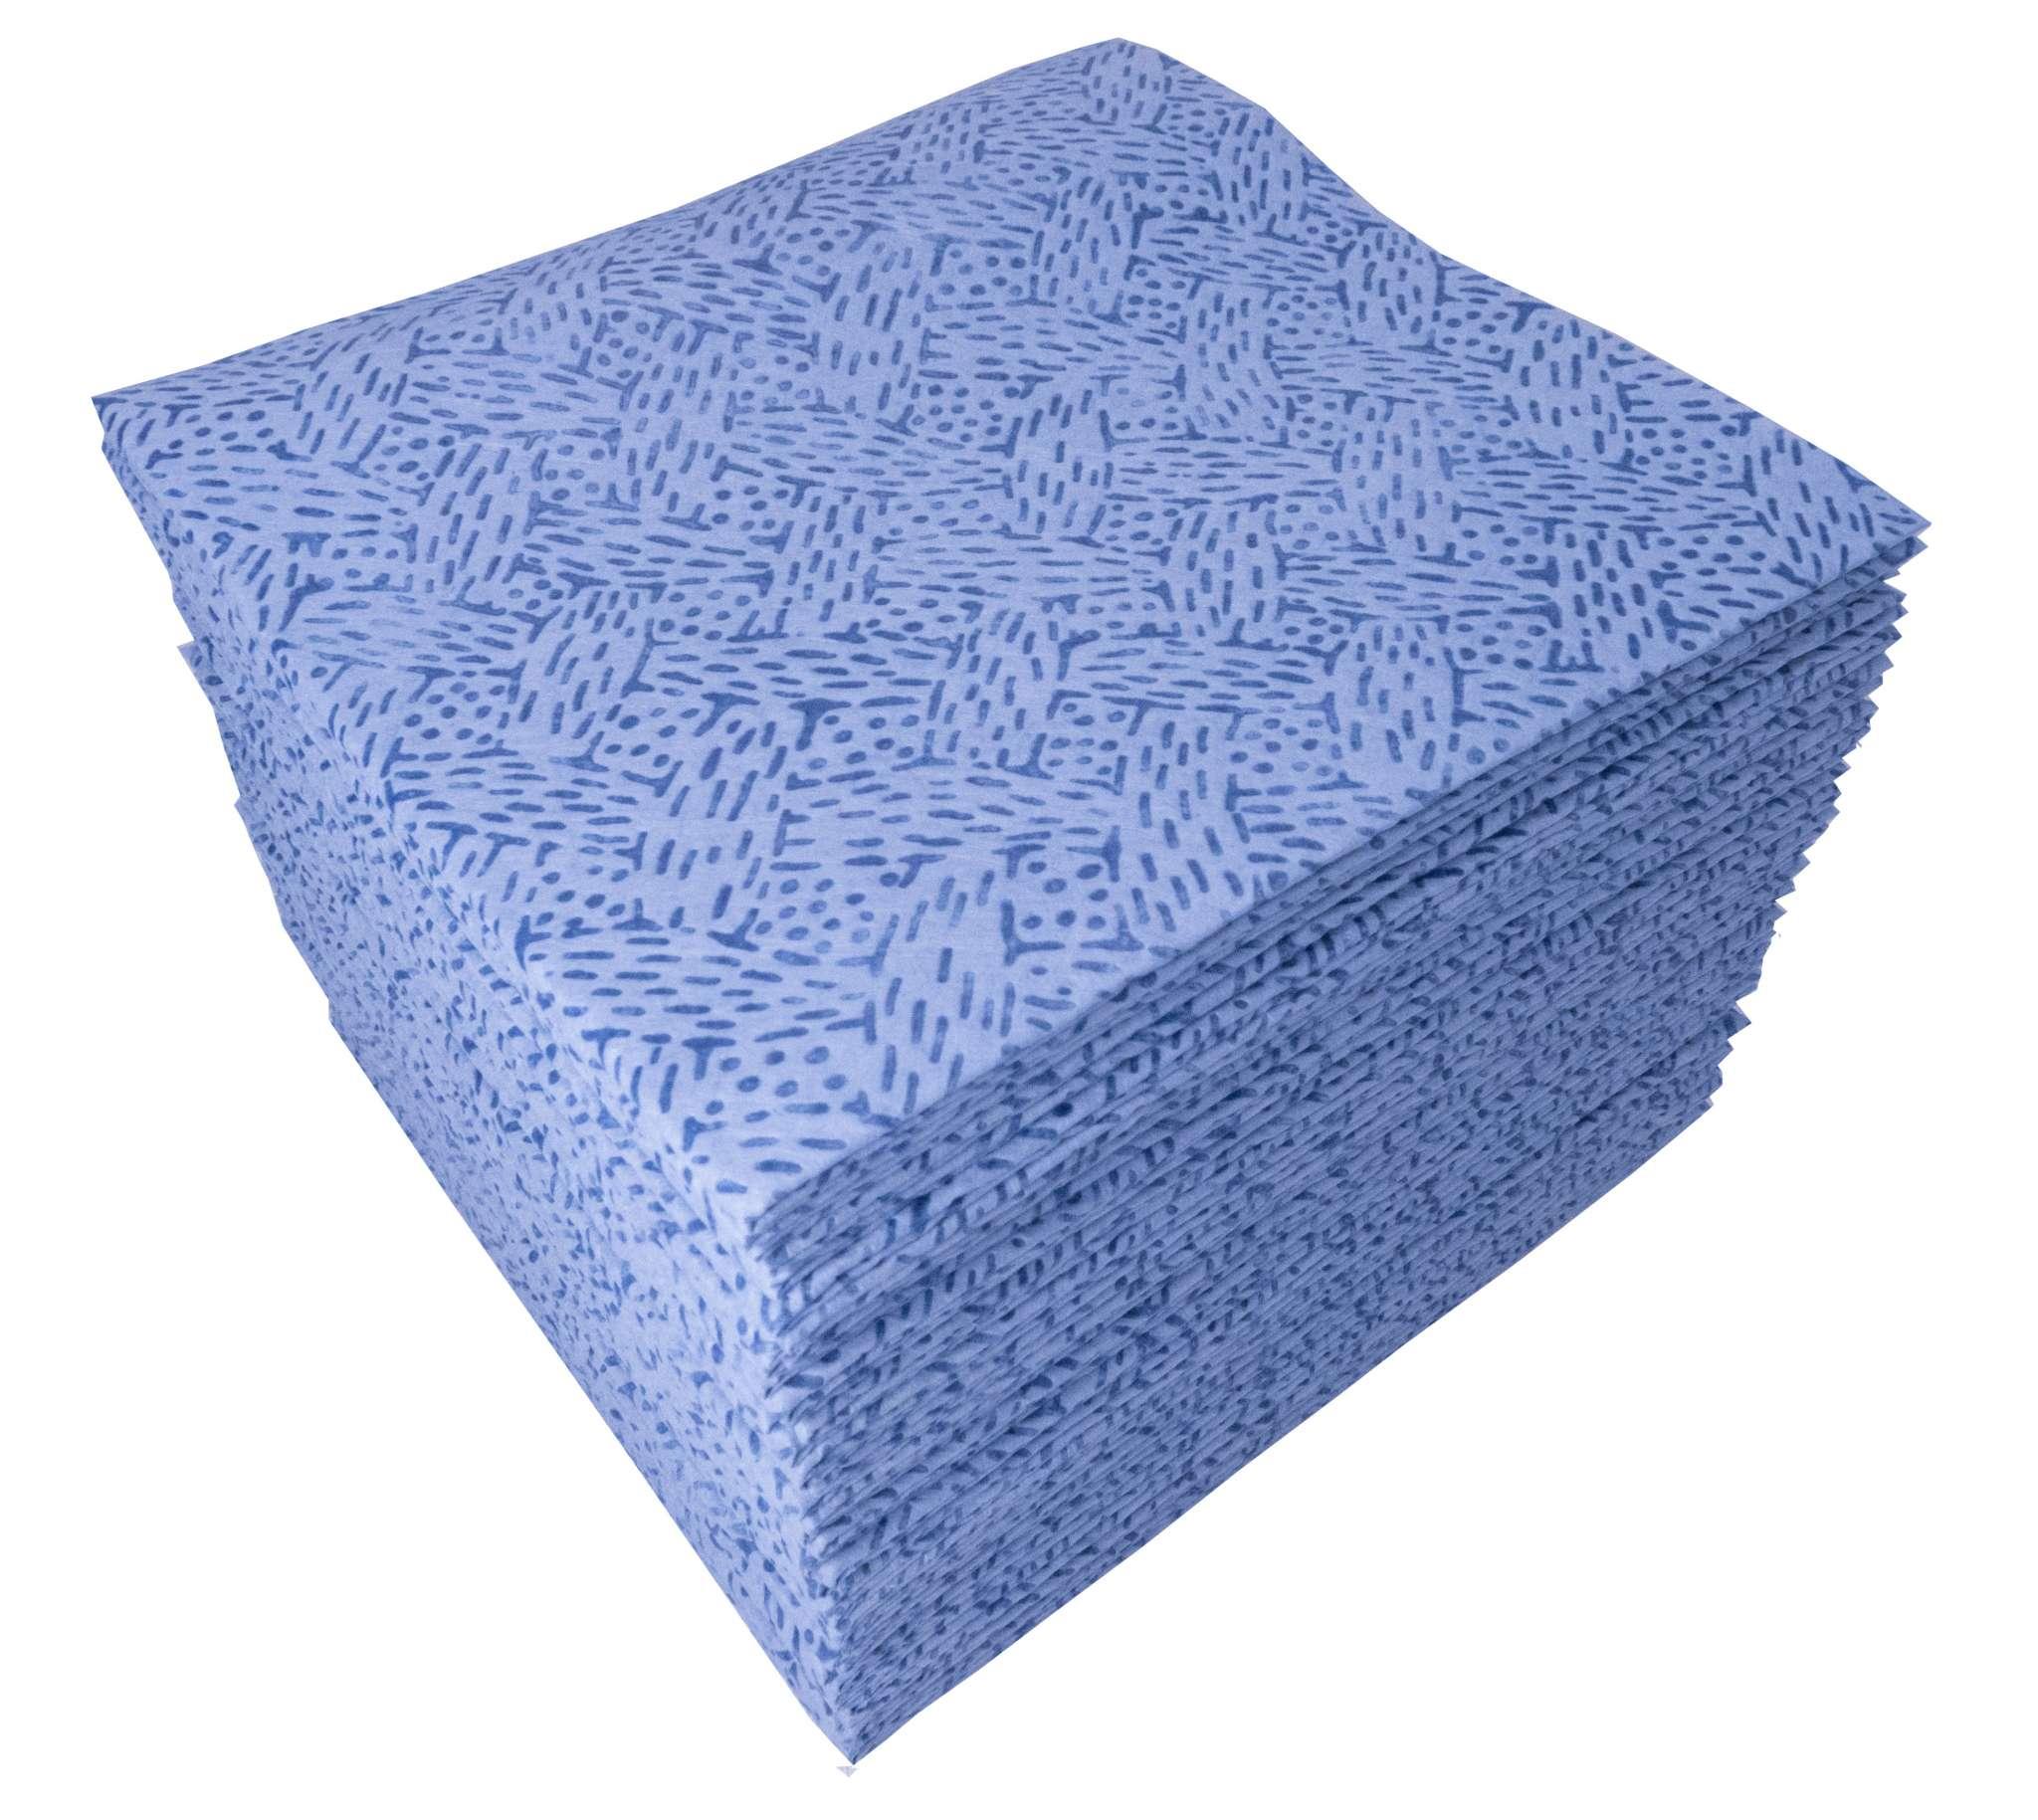 #07105 Meltblown Wipe